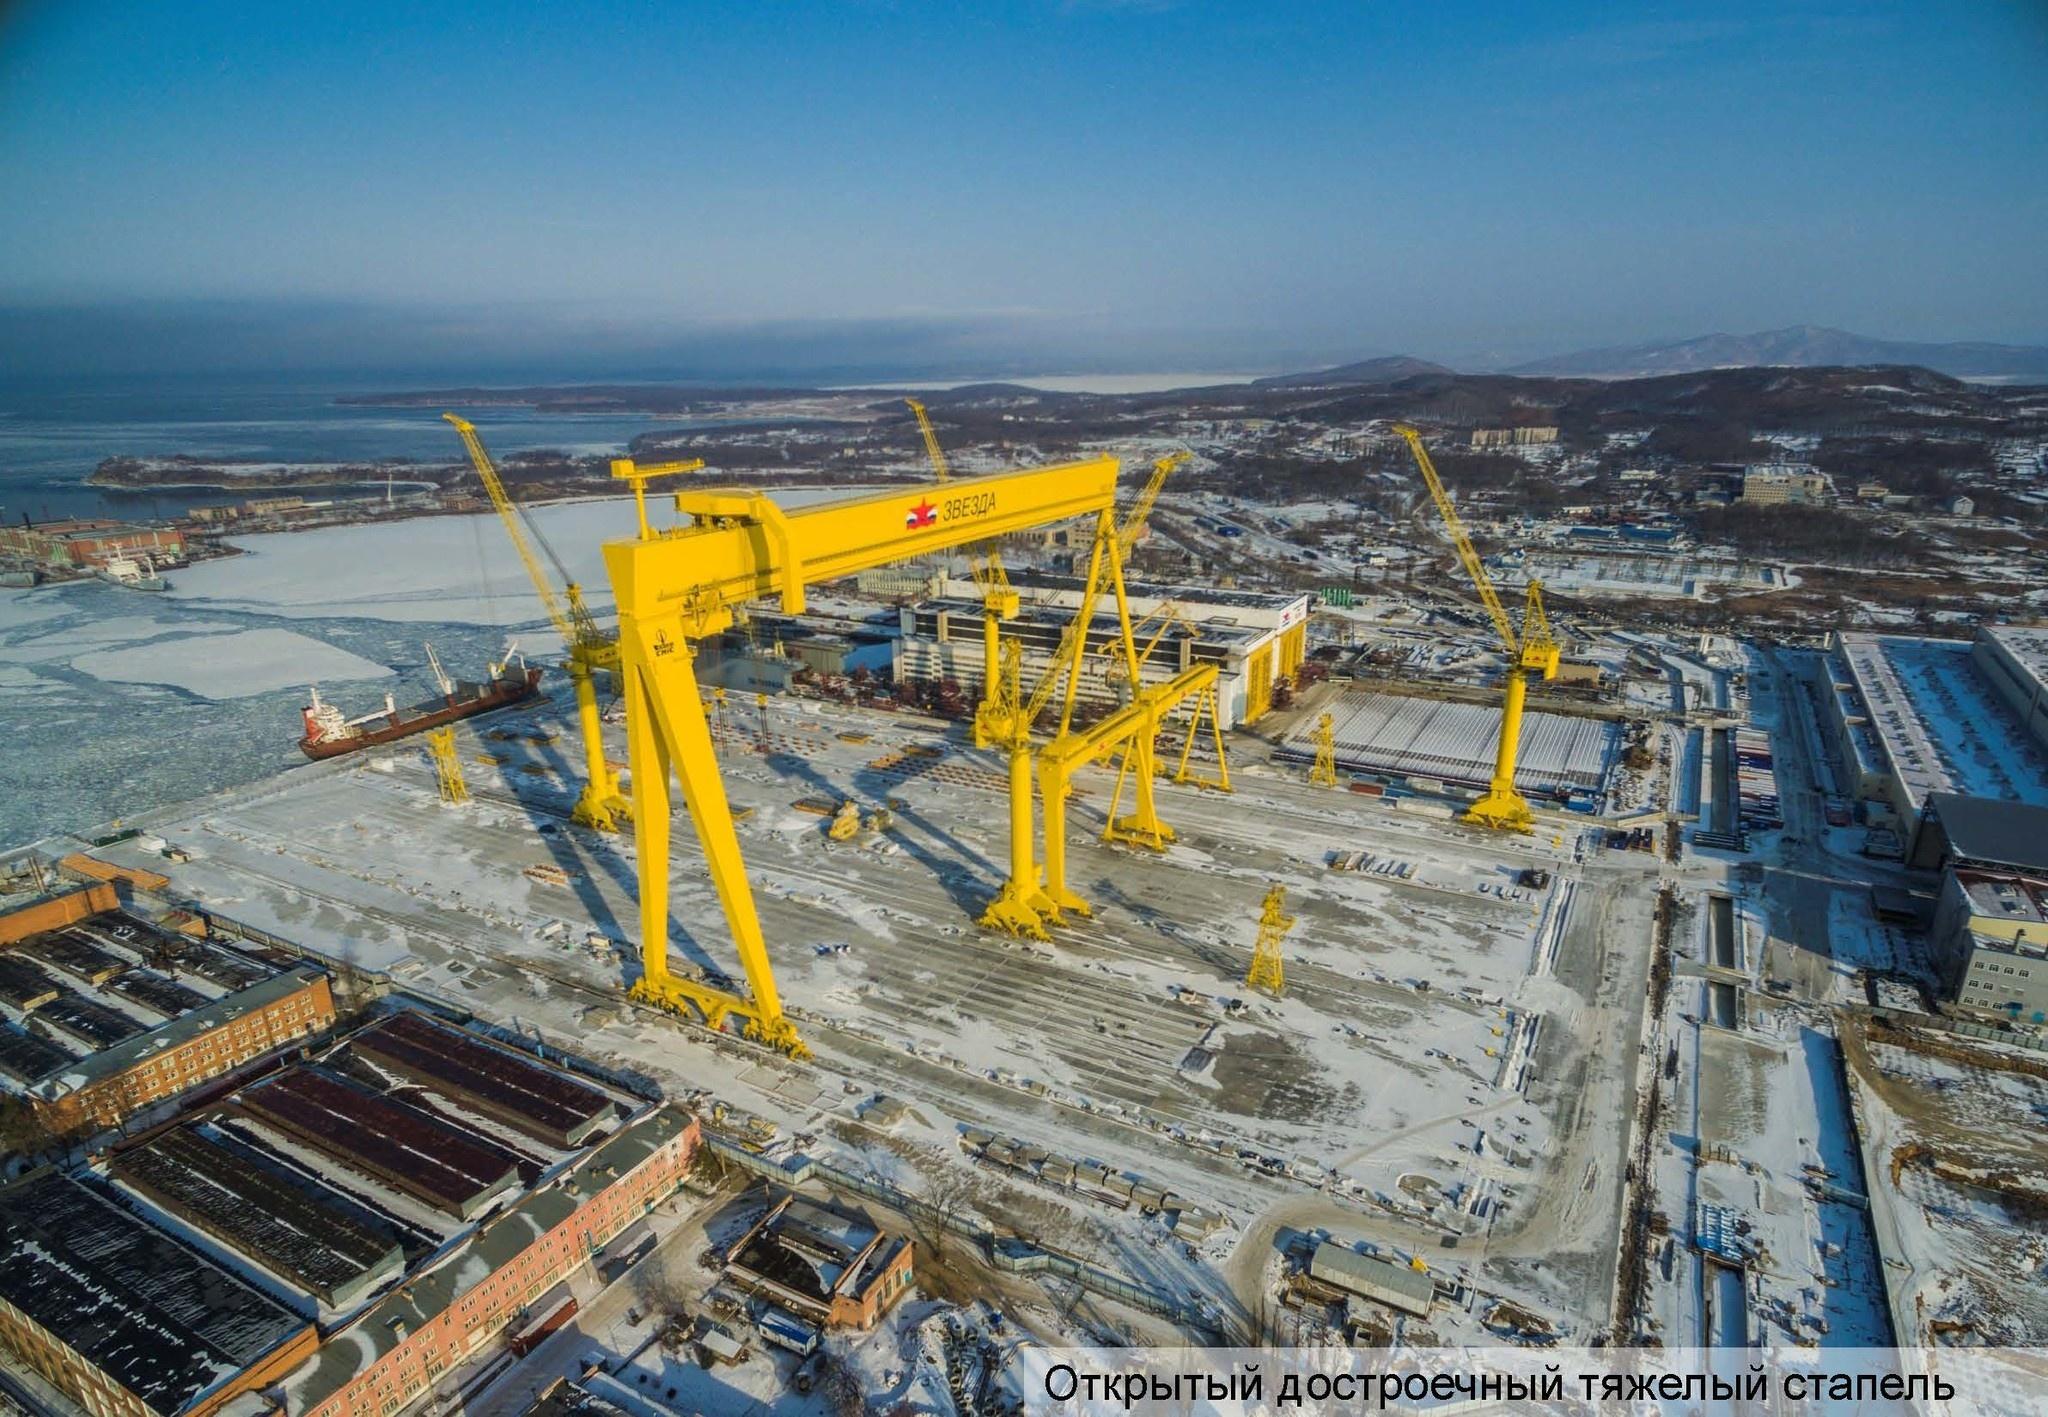 Russian Naval Shipbuilding Industry: News - Page 15 F_c2RlbGFub3VuYXMucnUvdXBsb2Fkcy83LzkvNzkyMTUxNTI2NTc0N19vcmlnLmpwZWc_X19pZD0xMDI1Mjc=